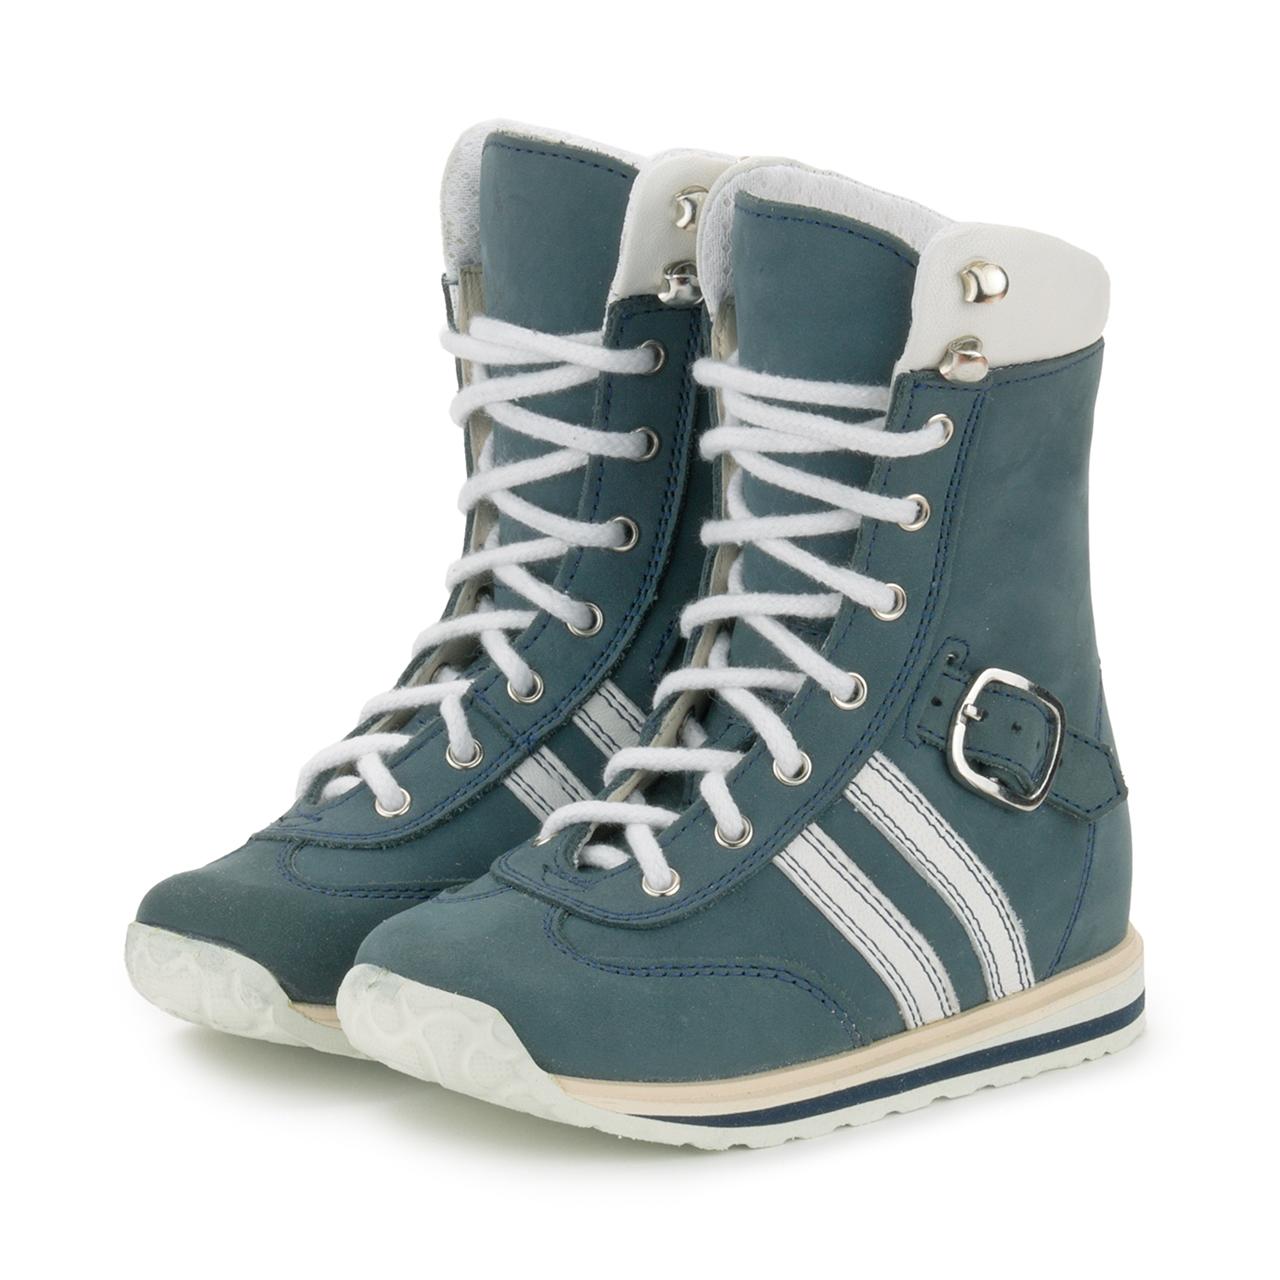 Memo Shoes Memo Sprint Jeans Boots Memo Shoes Com Free